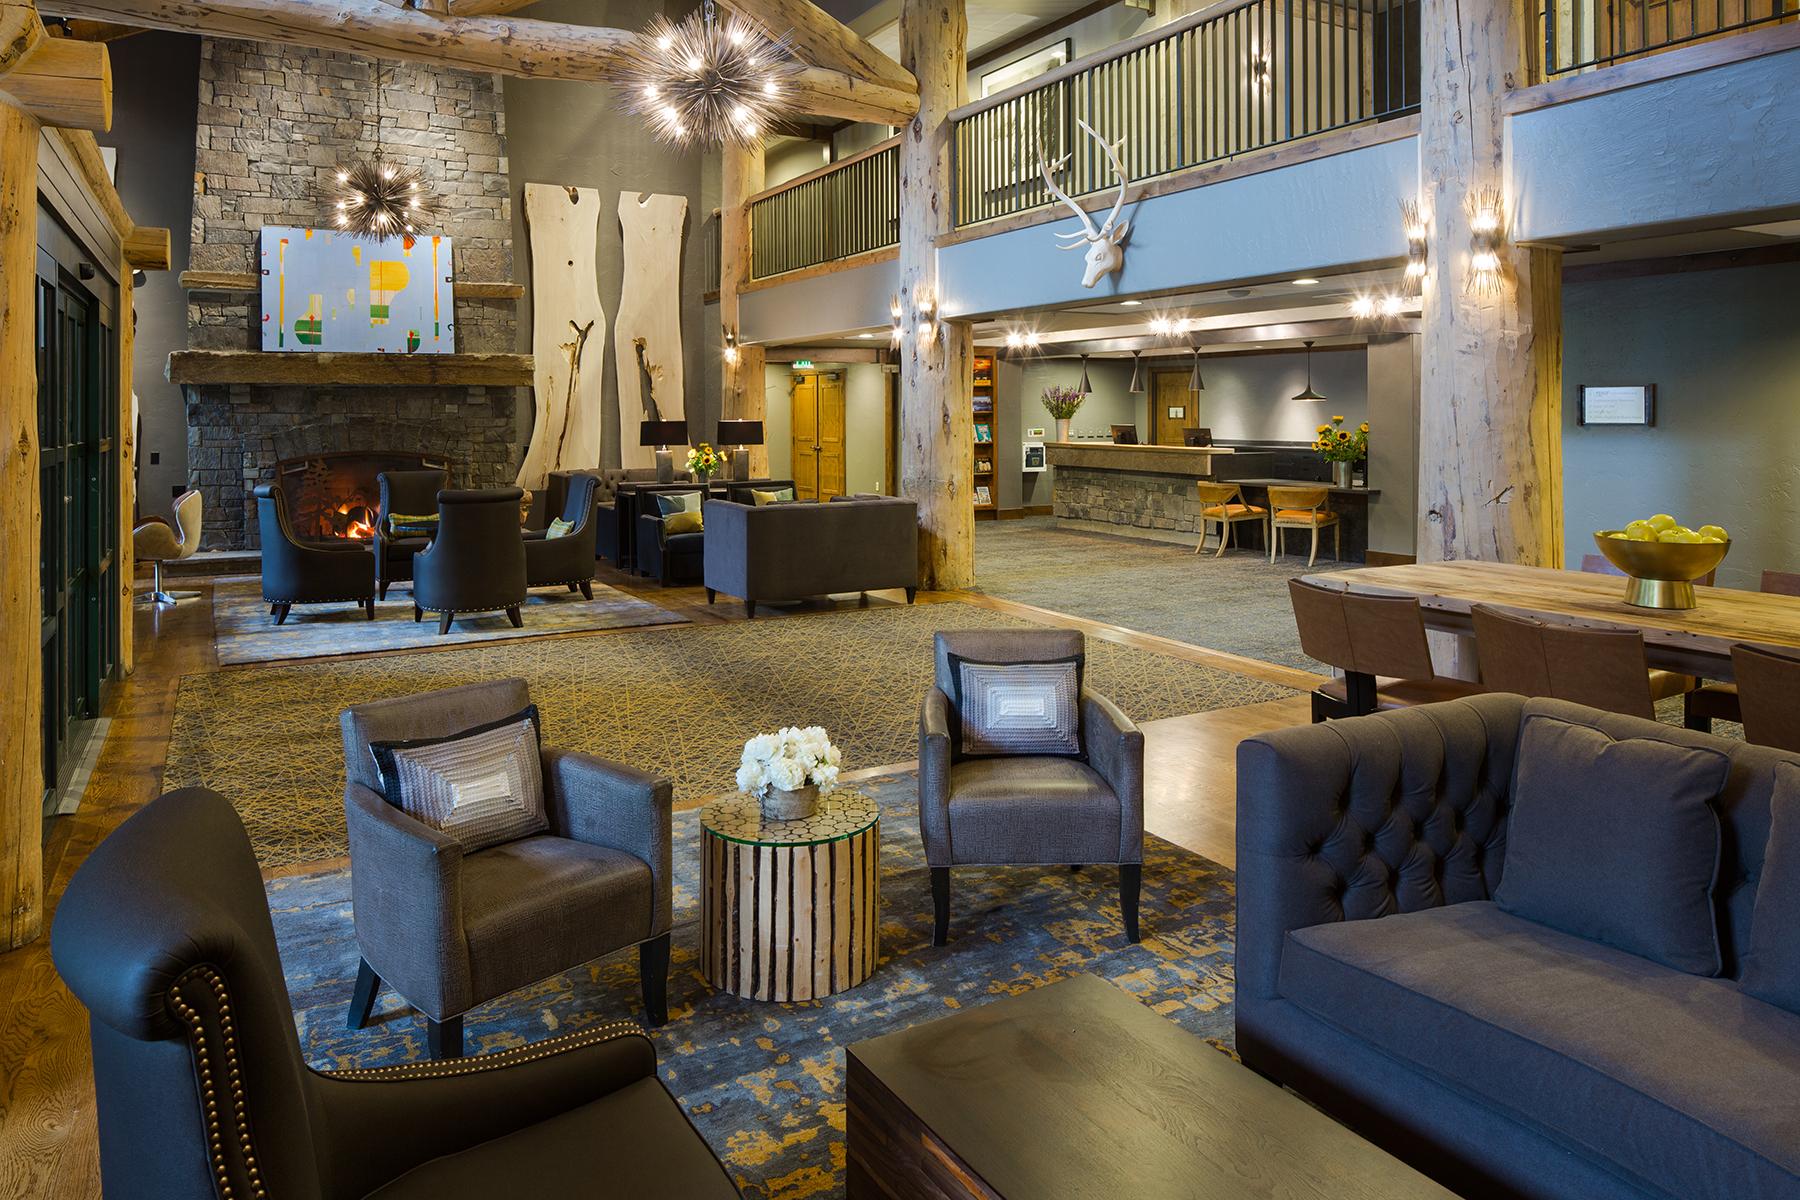 Eigentumswohnung für Verkauf beim 2 Bed 2 3/4 Bath TML Residence 3385 W Cody Ln #144 Teton Village, Wyoming 83025 Vereinigte Staaten